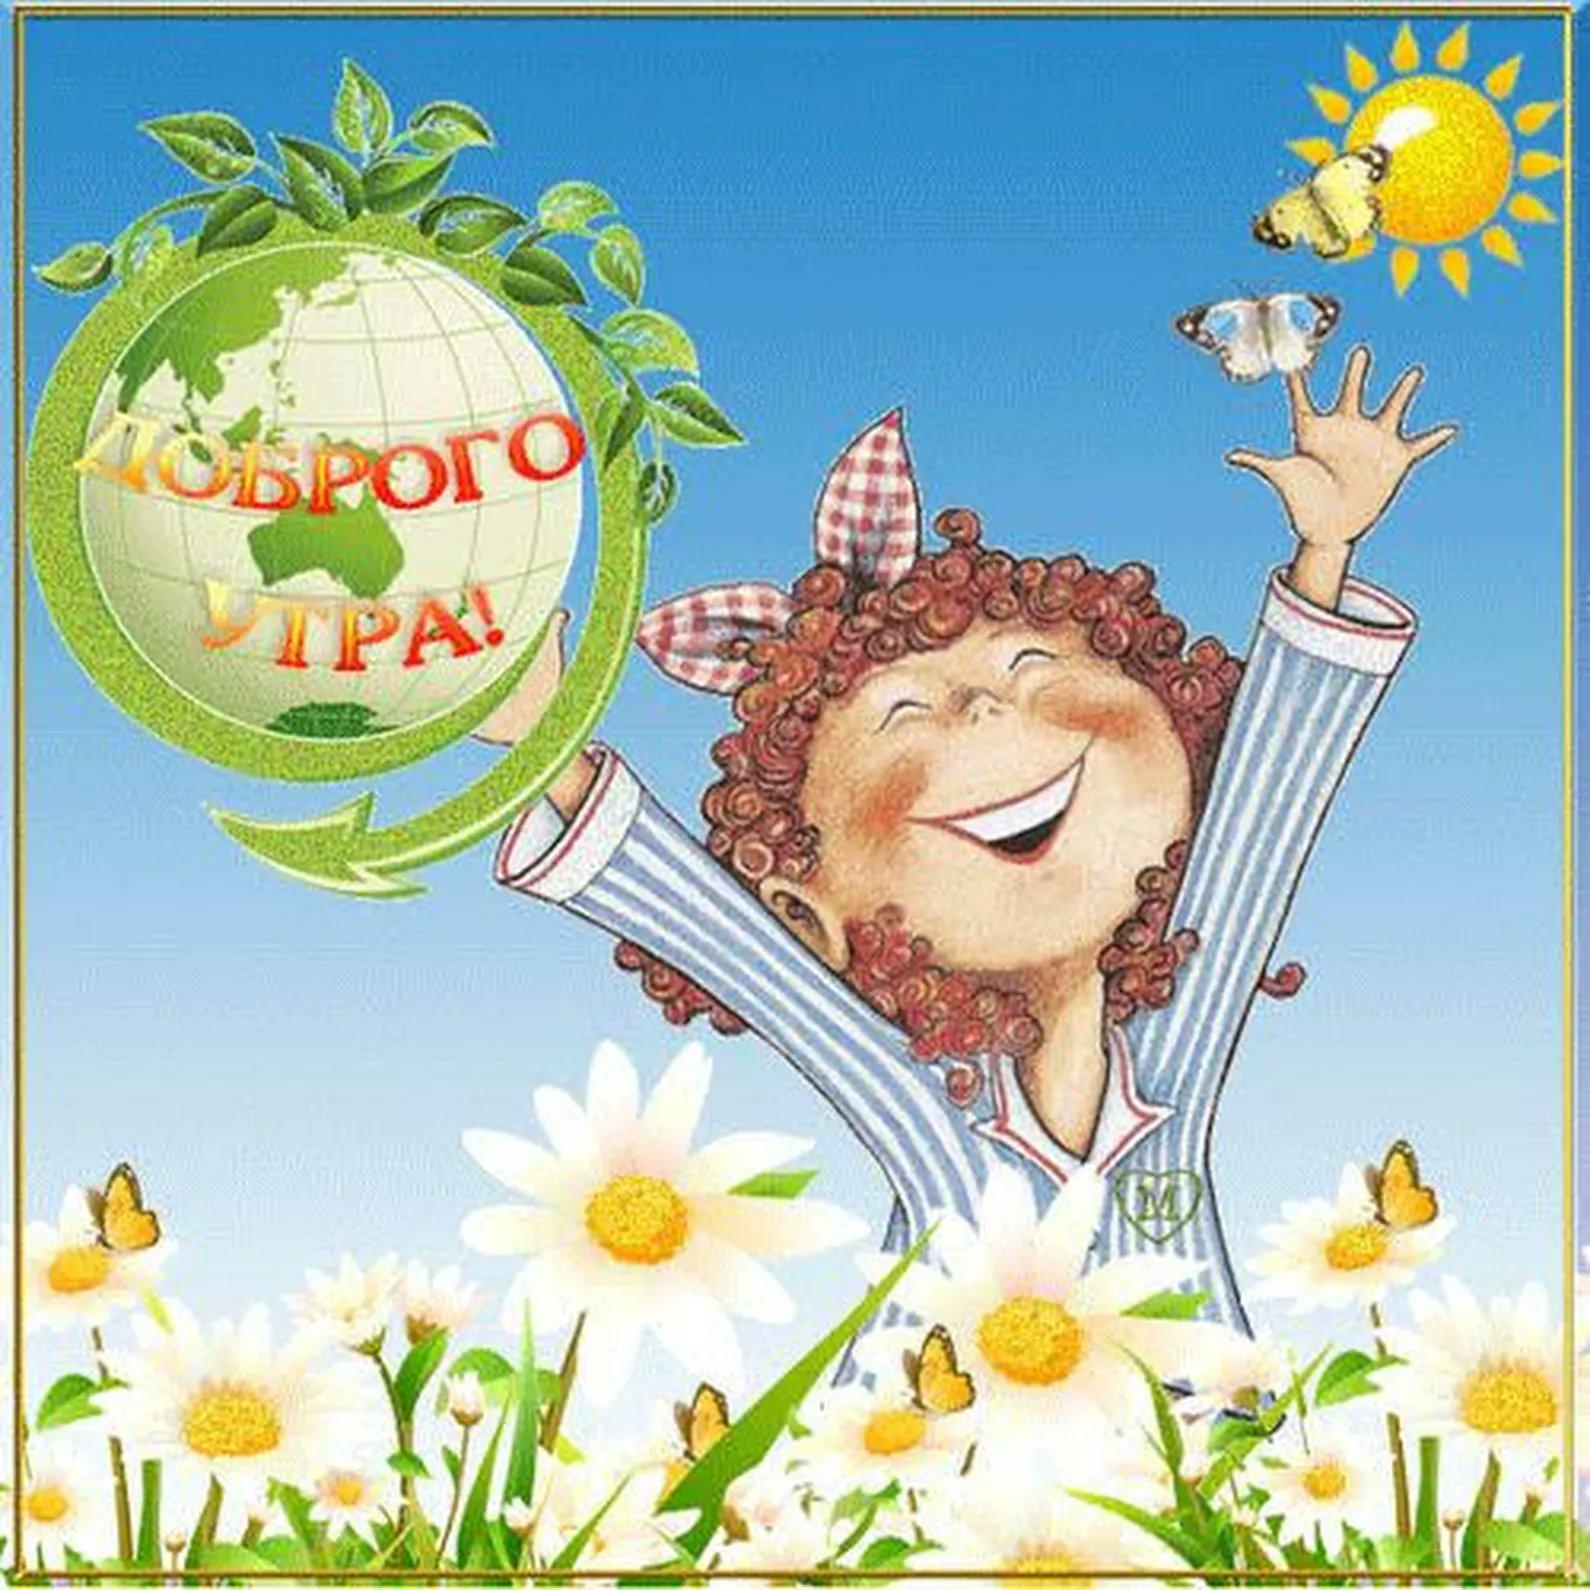 Смирновой, открытки с добрым утром позитивные и прикольные